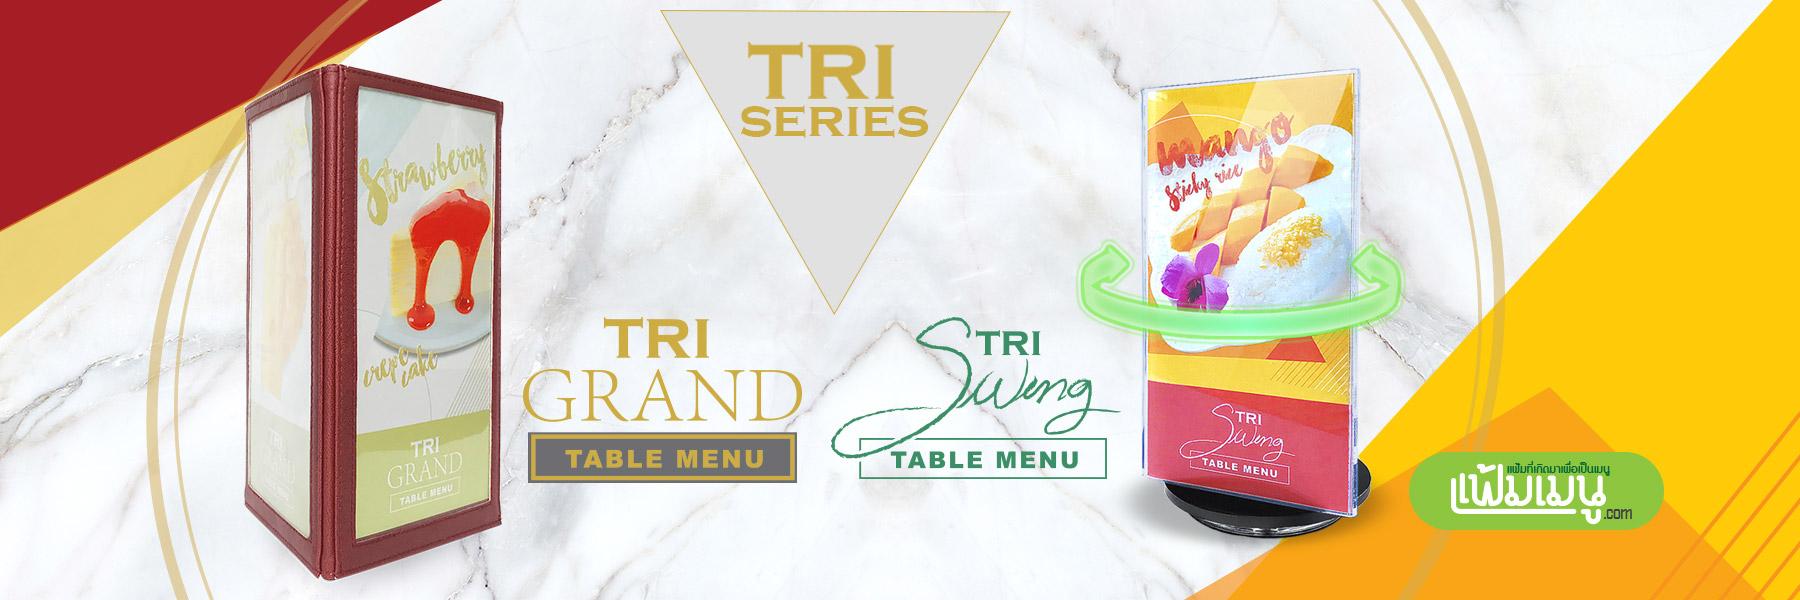 เมนตั้งโต๊ะทรงสามเหลี่ยม - table menu display bangkok